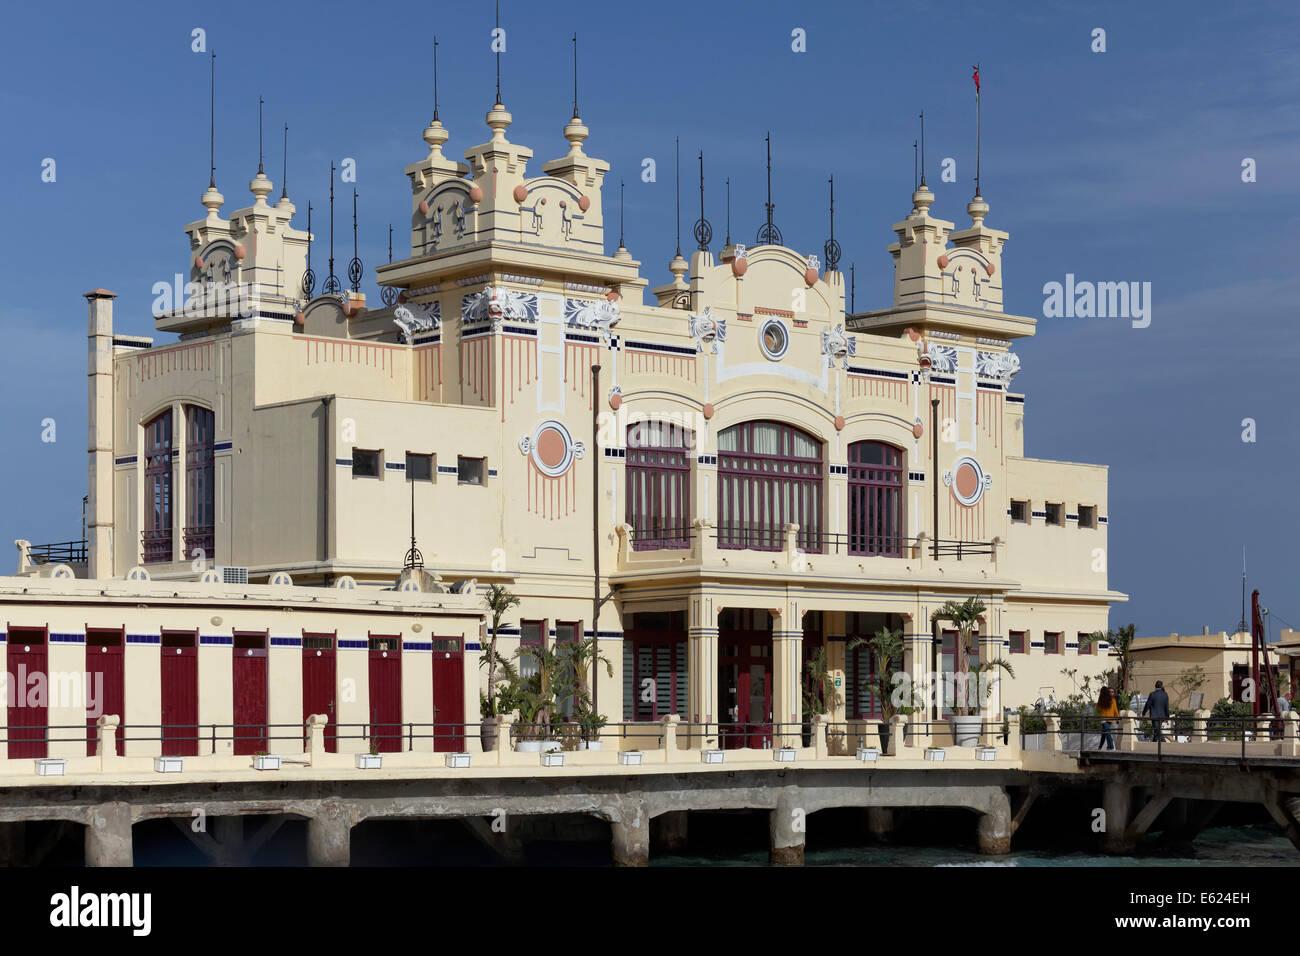 Antico Stabilimento Balneare Spa Hotel, 1912, in stile Liberty, Mondello, Palermo, Sicilia, Italia Immagini Stock